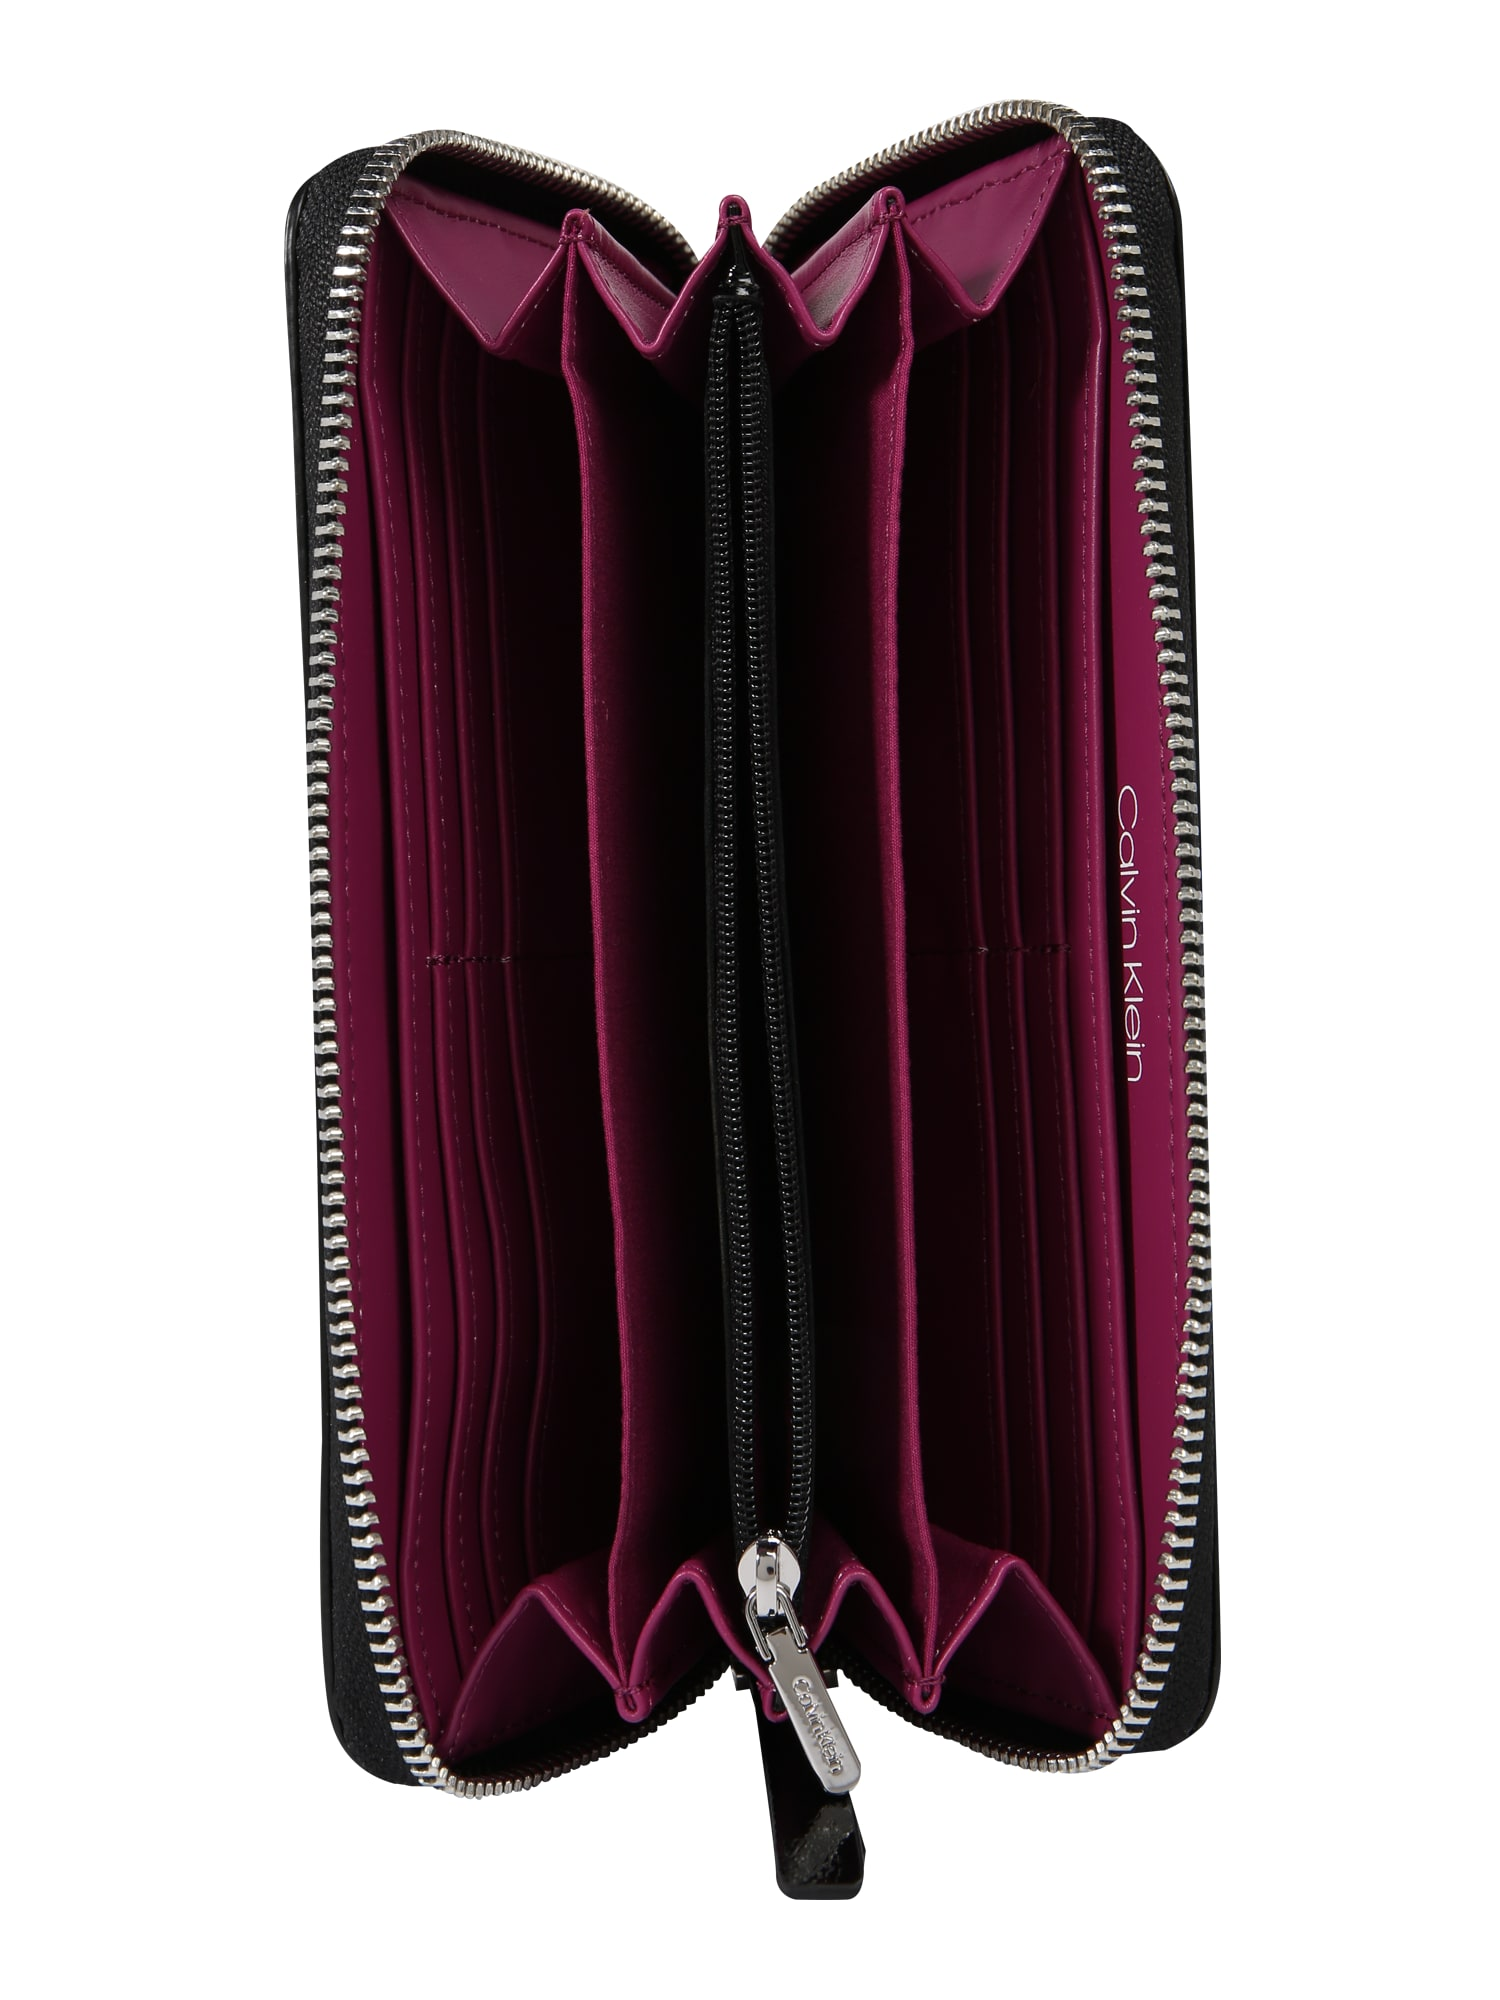 Portemonnee Klein Dames.Calvin Klein Dames Portemonnee Edged Large Ziparound S Zwart